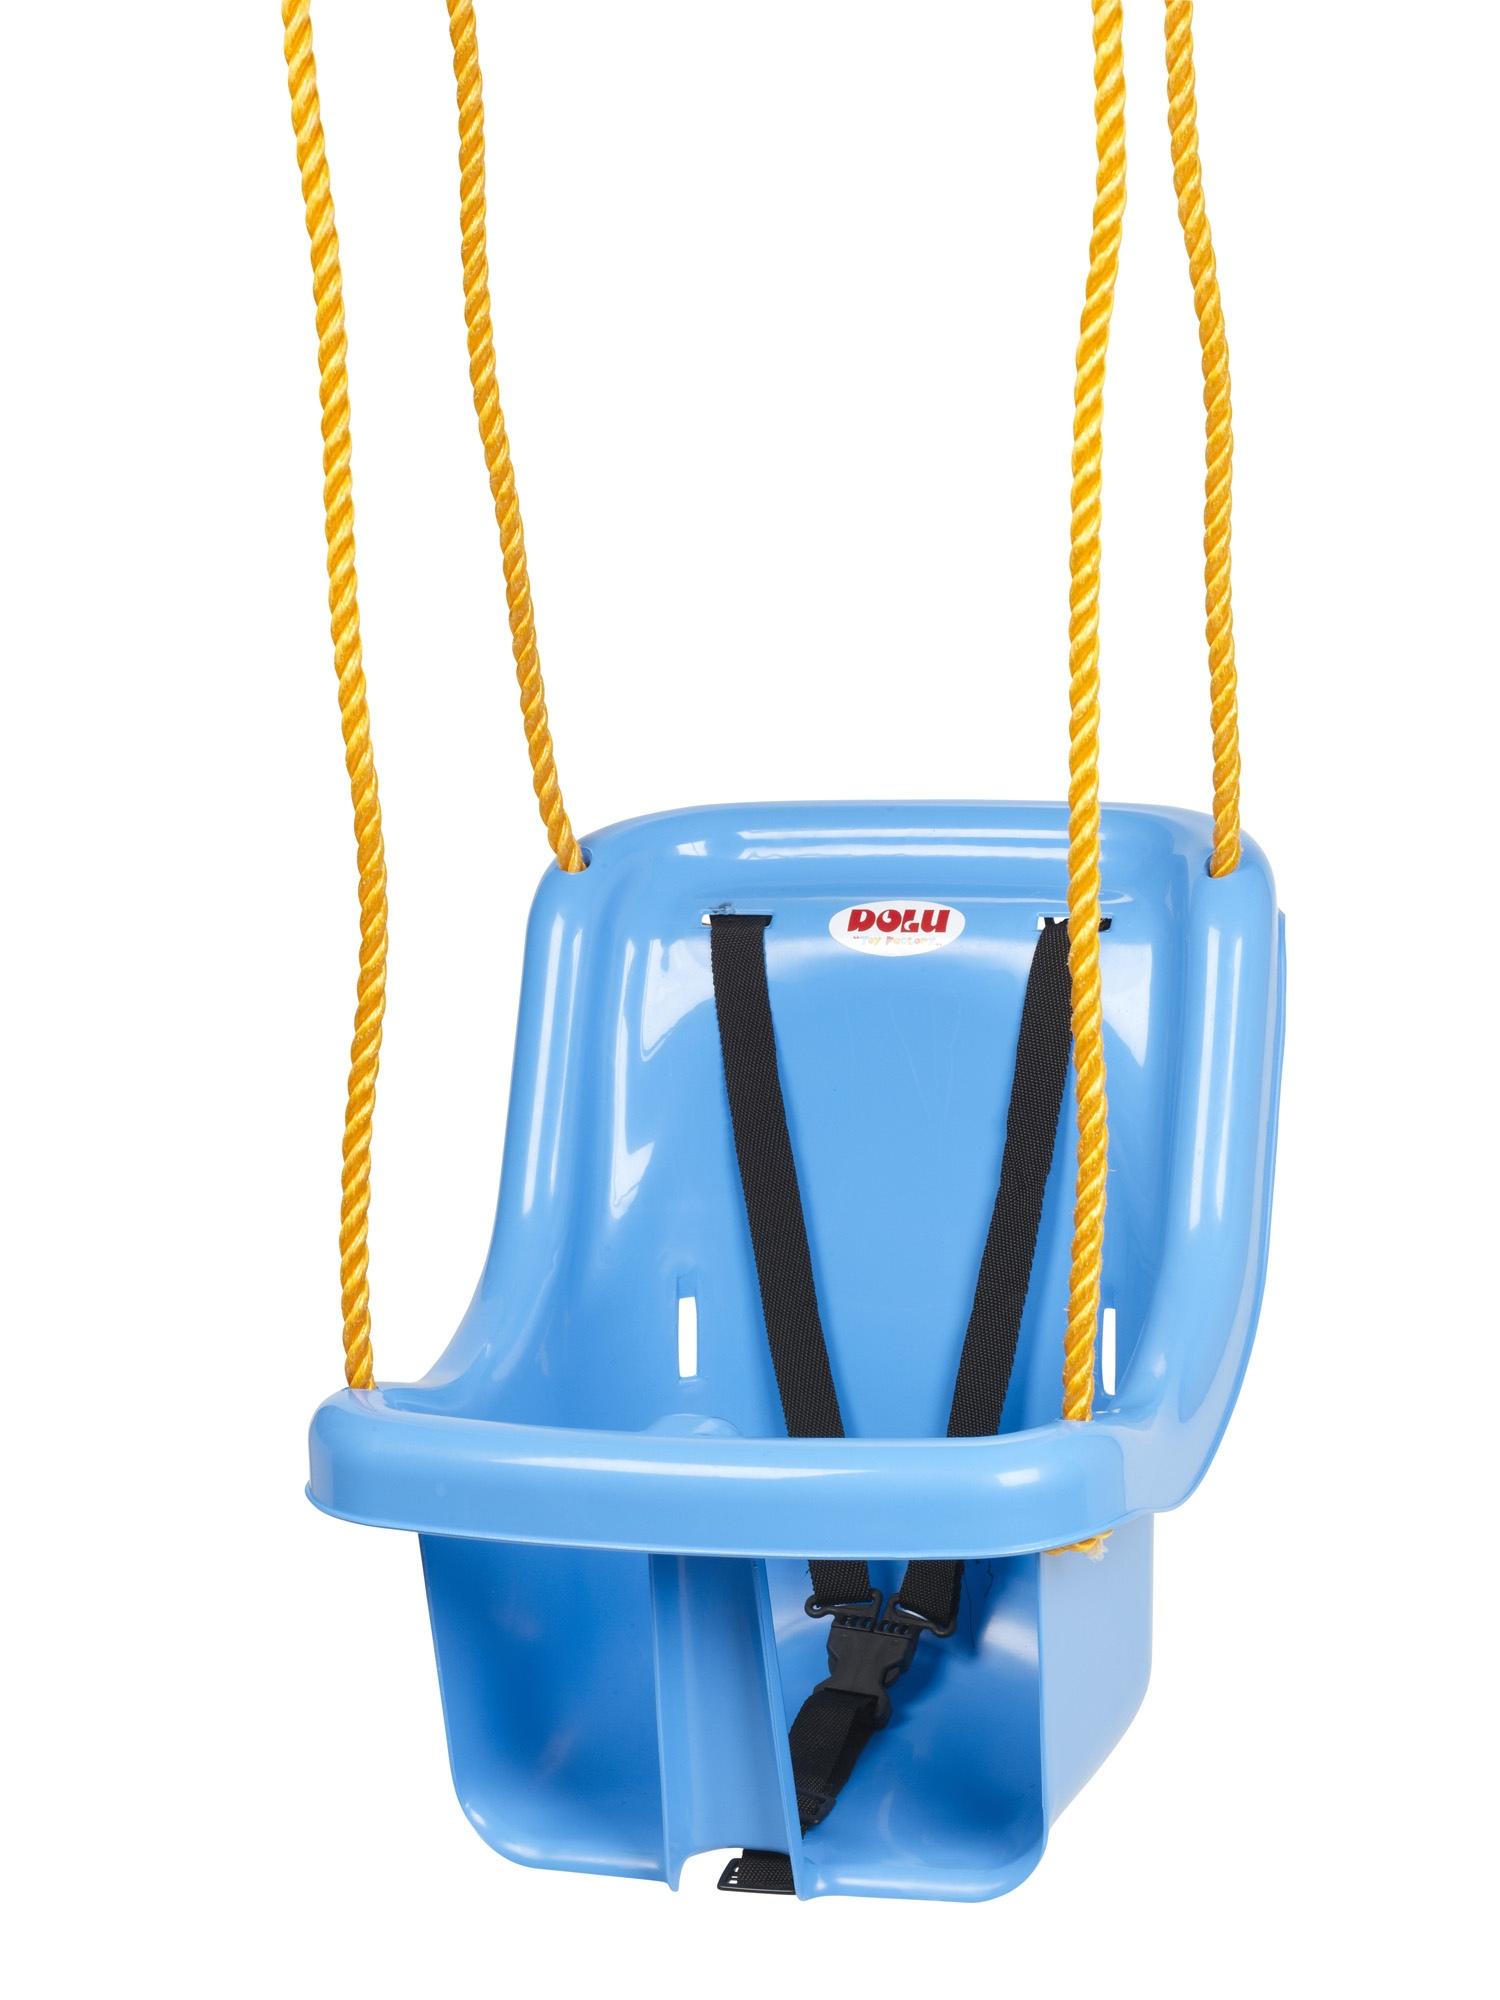 Children outdoor swing seat with safety belt rope garden